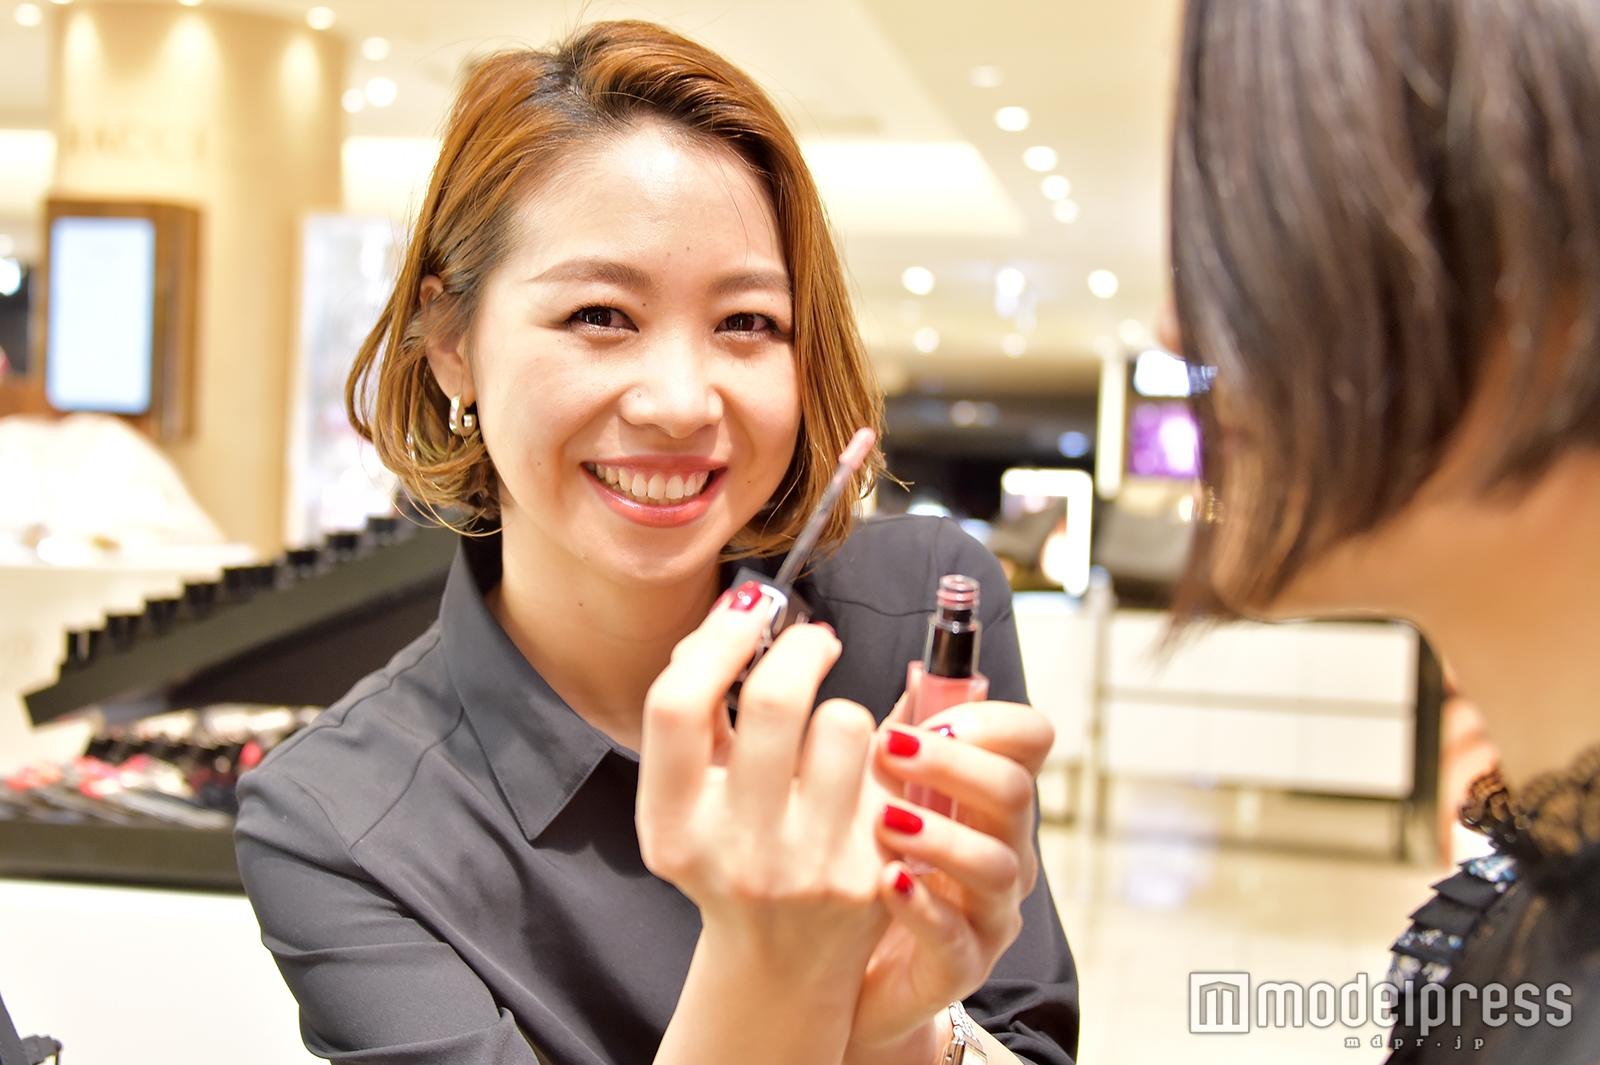 モデルプレスのインタビューに応じた小林彩香さん(C)モデルプレス